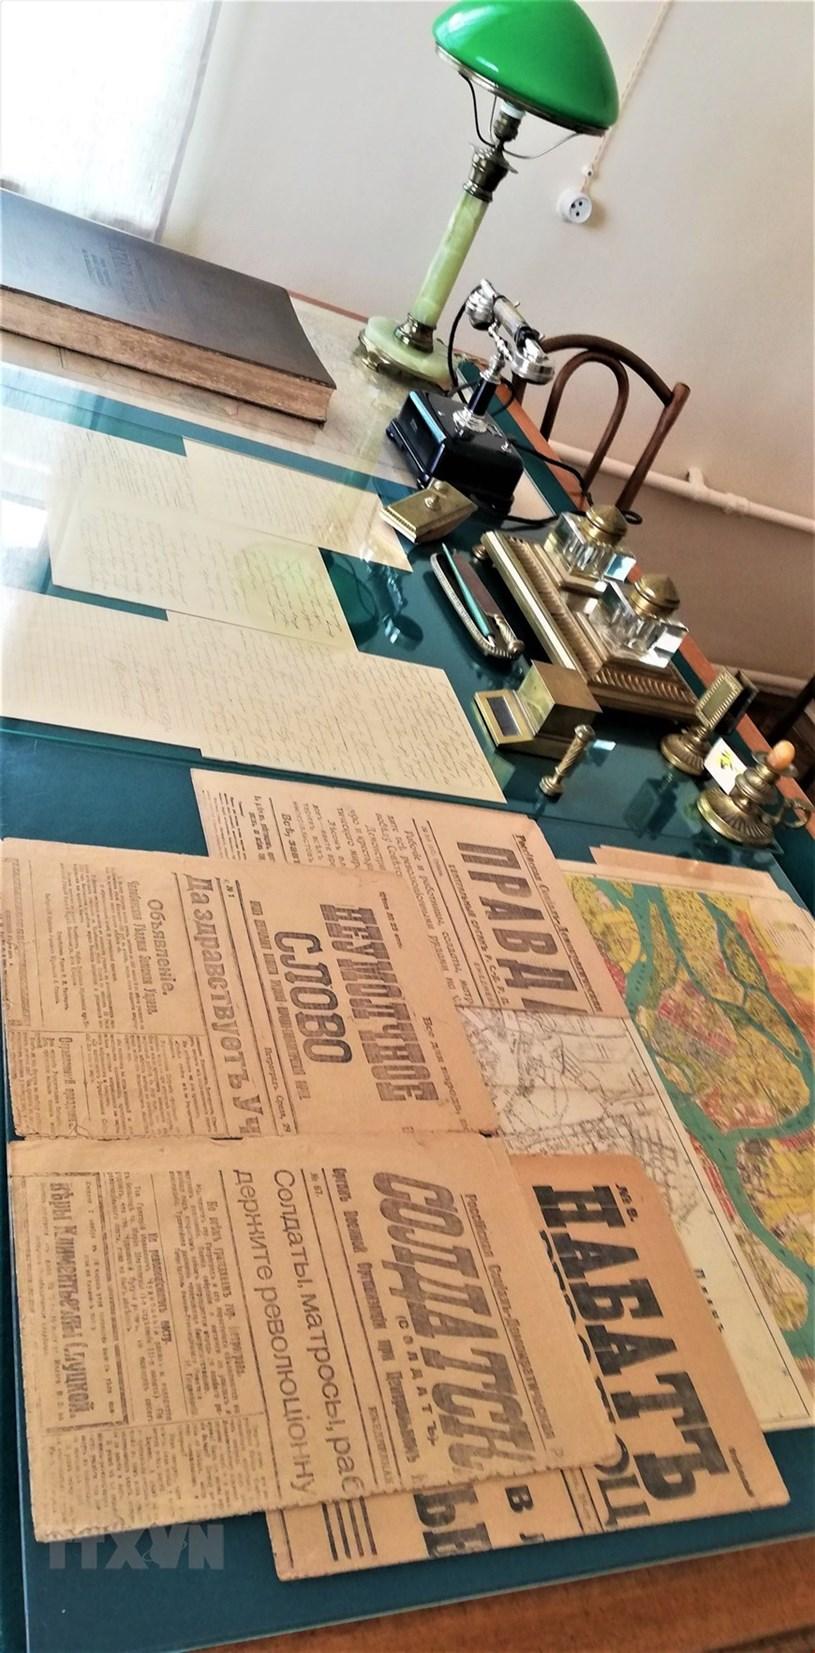 Các vật dụng trên bàn làm việc của V. I. Lenin. (Ảnh: Duy Trinh/TTXVN)